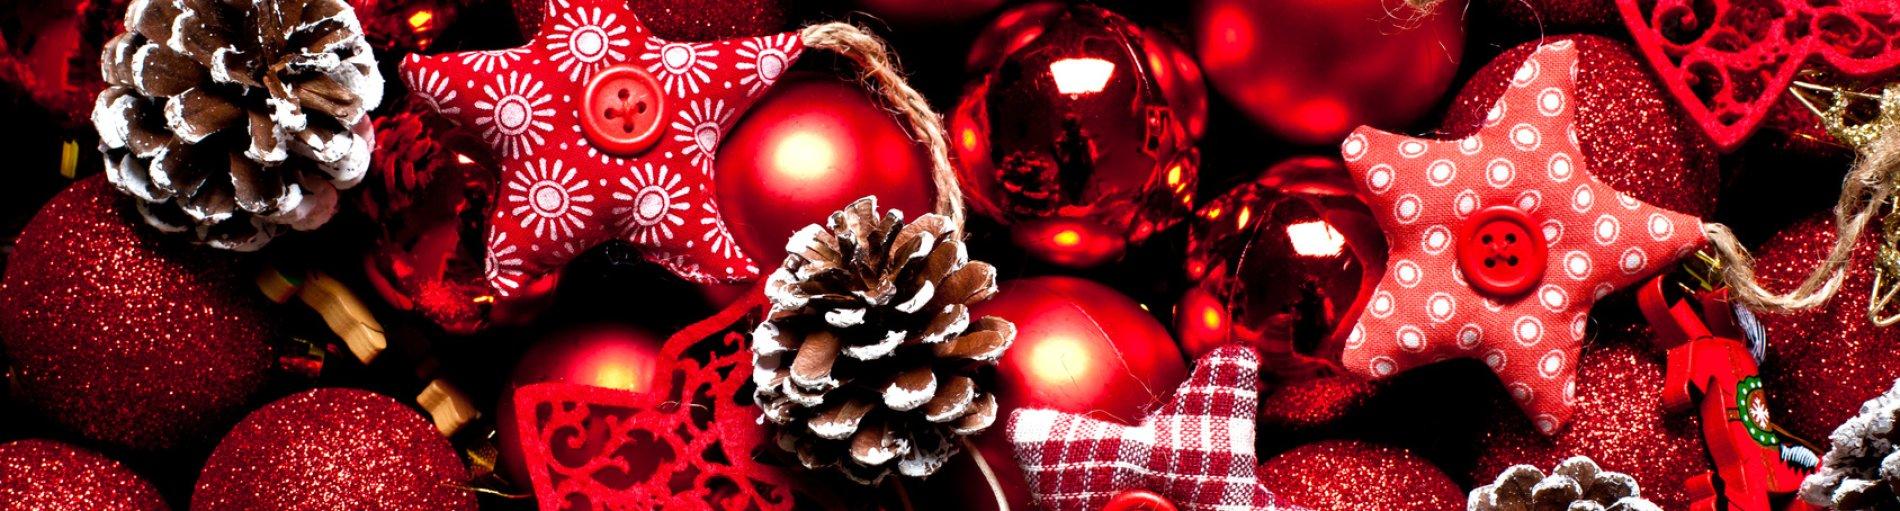 Rote Weihnachtsdeko mit Sternen und Tannenzapfen